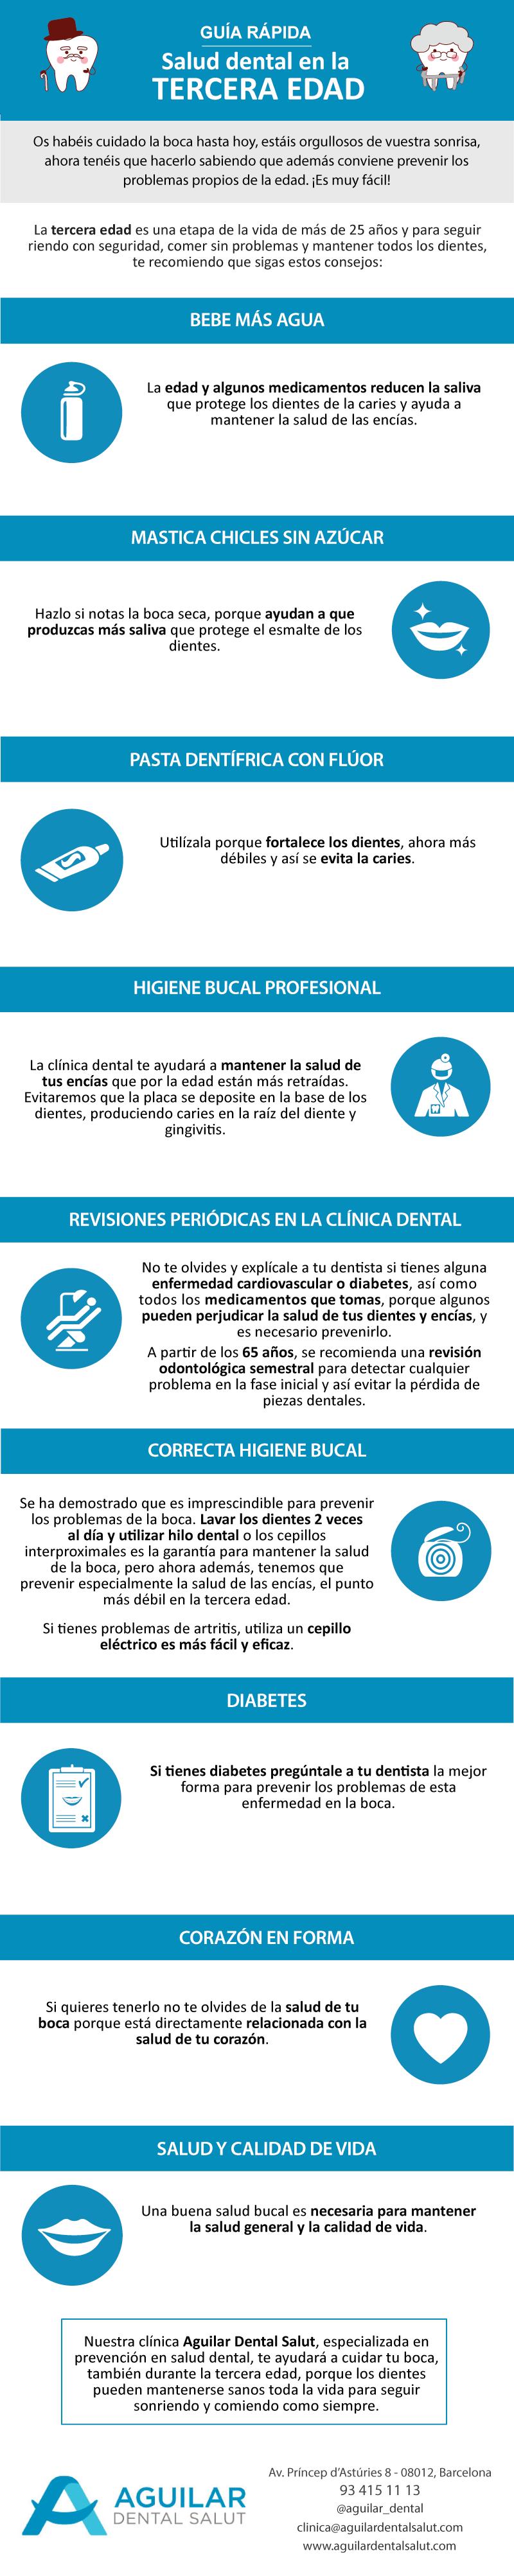 Guía rápida: Salud Bucal en la Tercera Edad